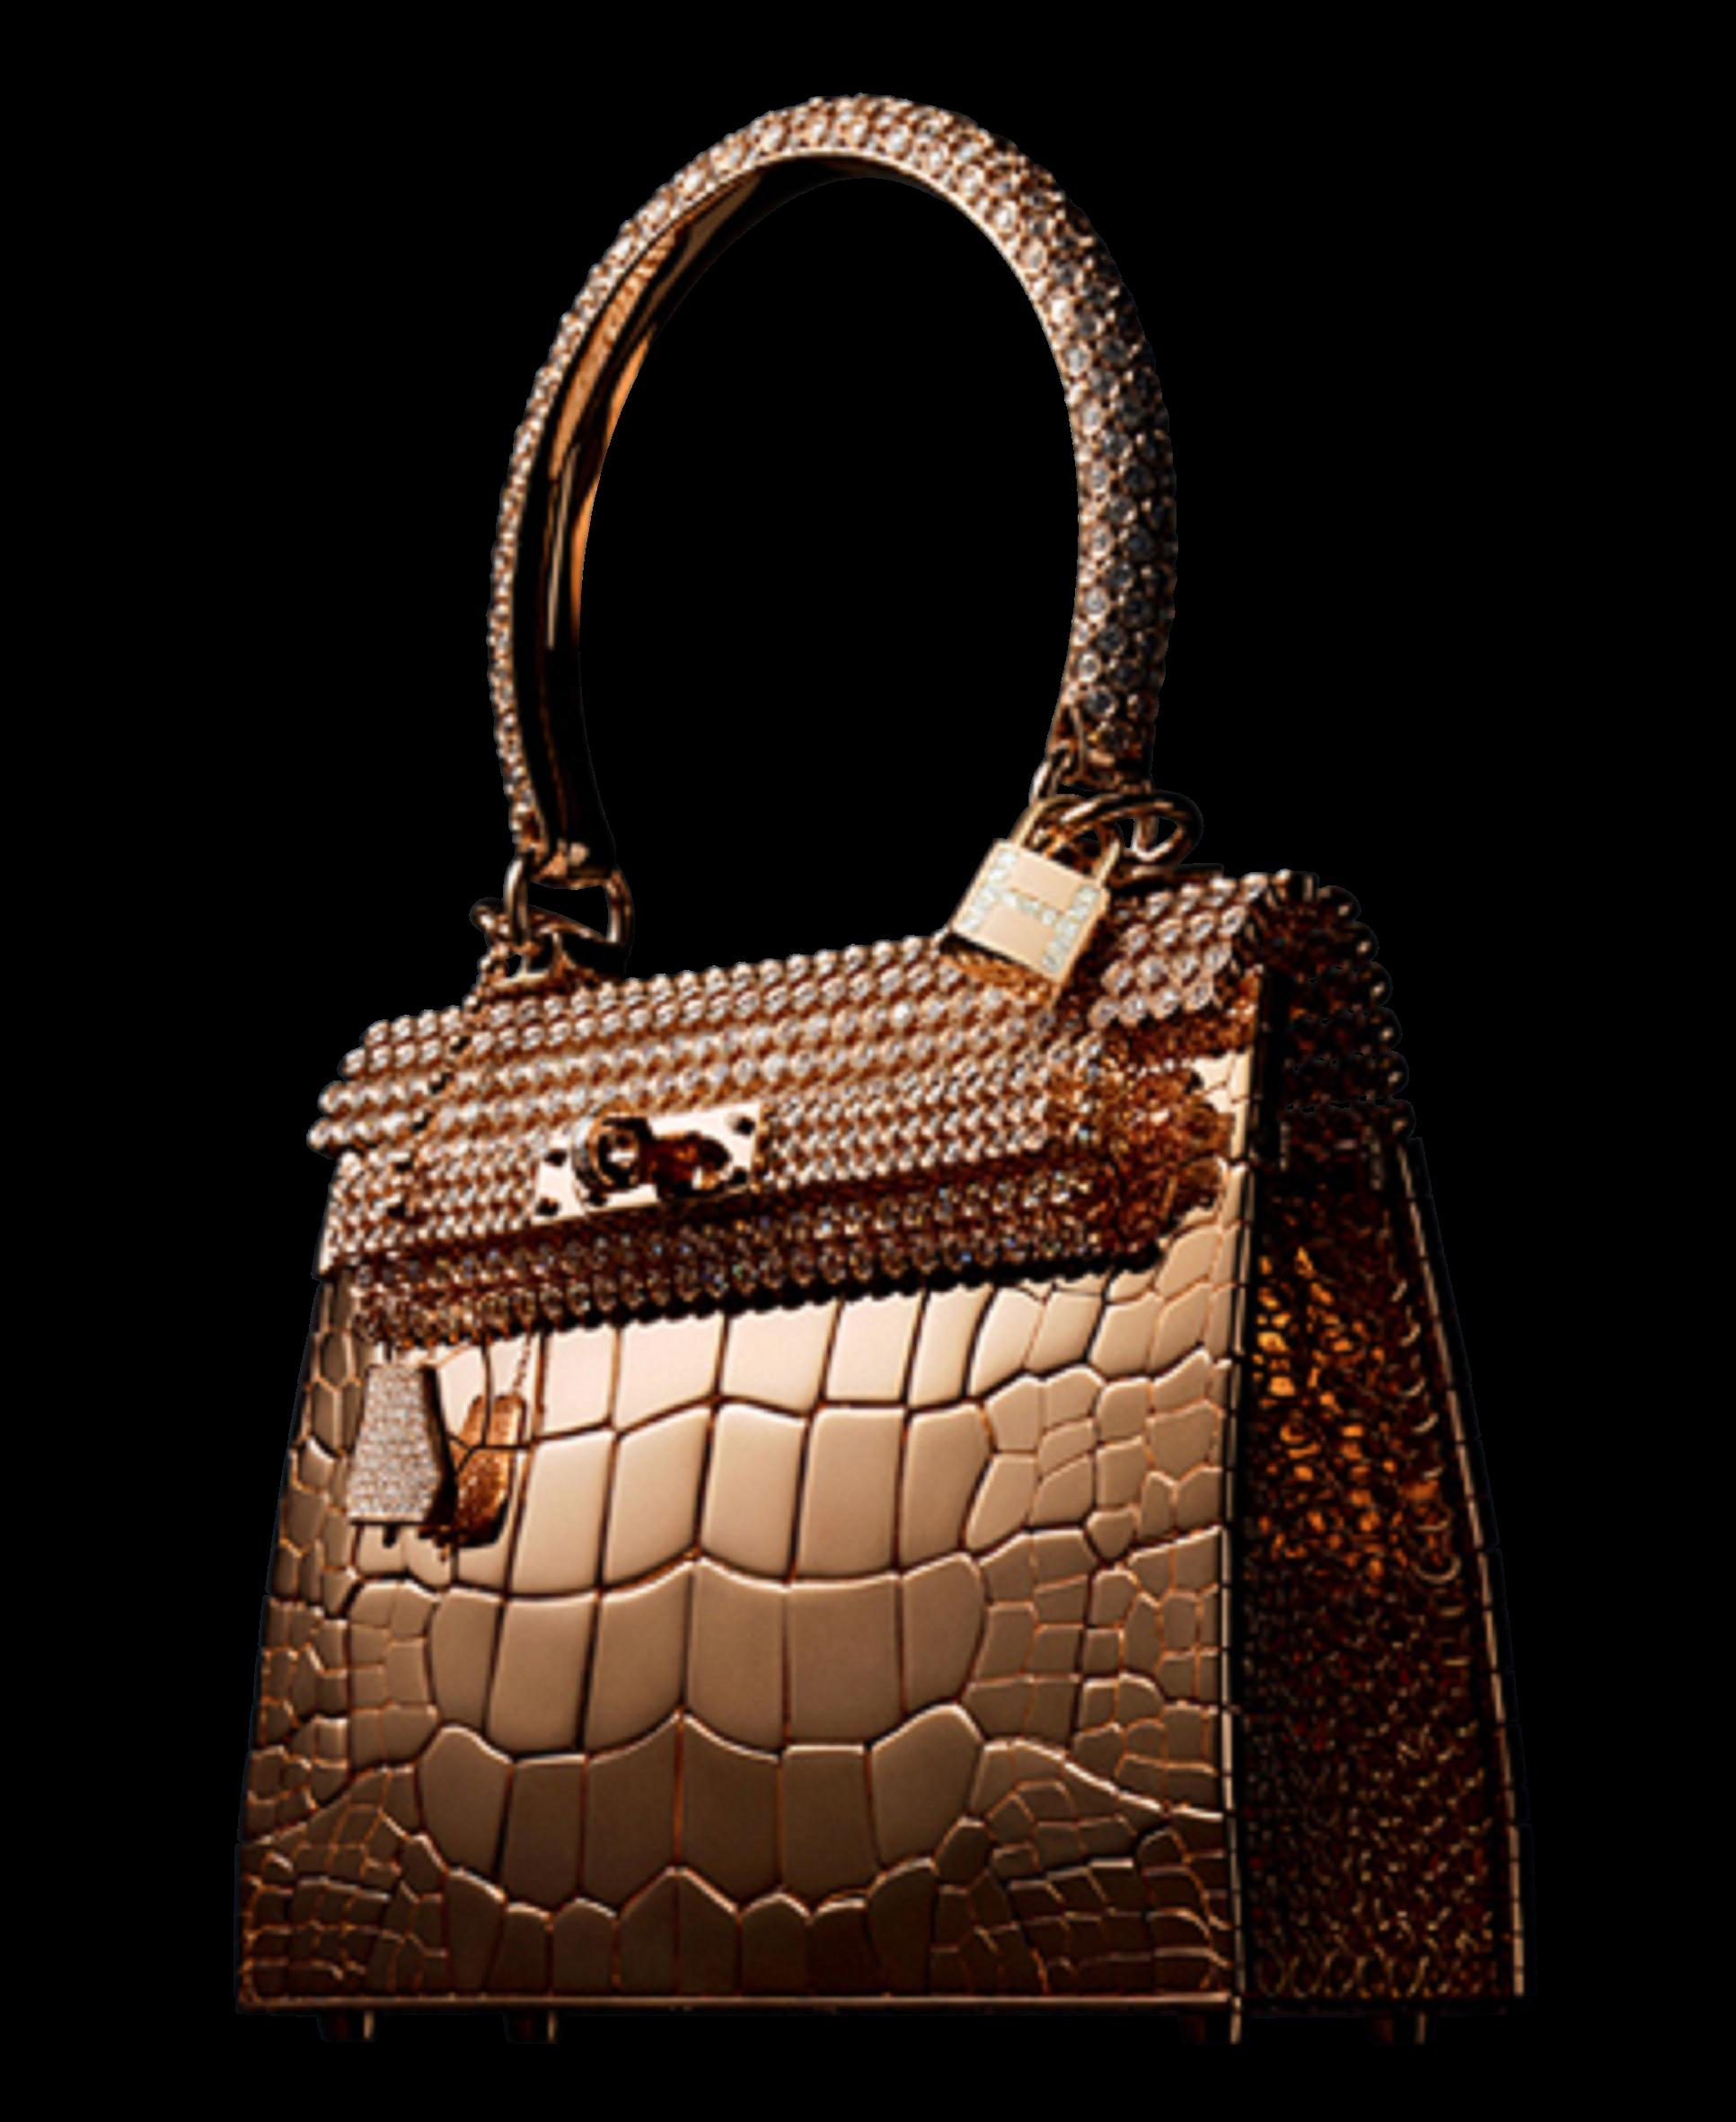 27c90f2e29 Conçu par le joaillier Pierre Hardy, ce sac en or rose et ses 1160 diamants  incrustés est un vrai bijou en soi.